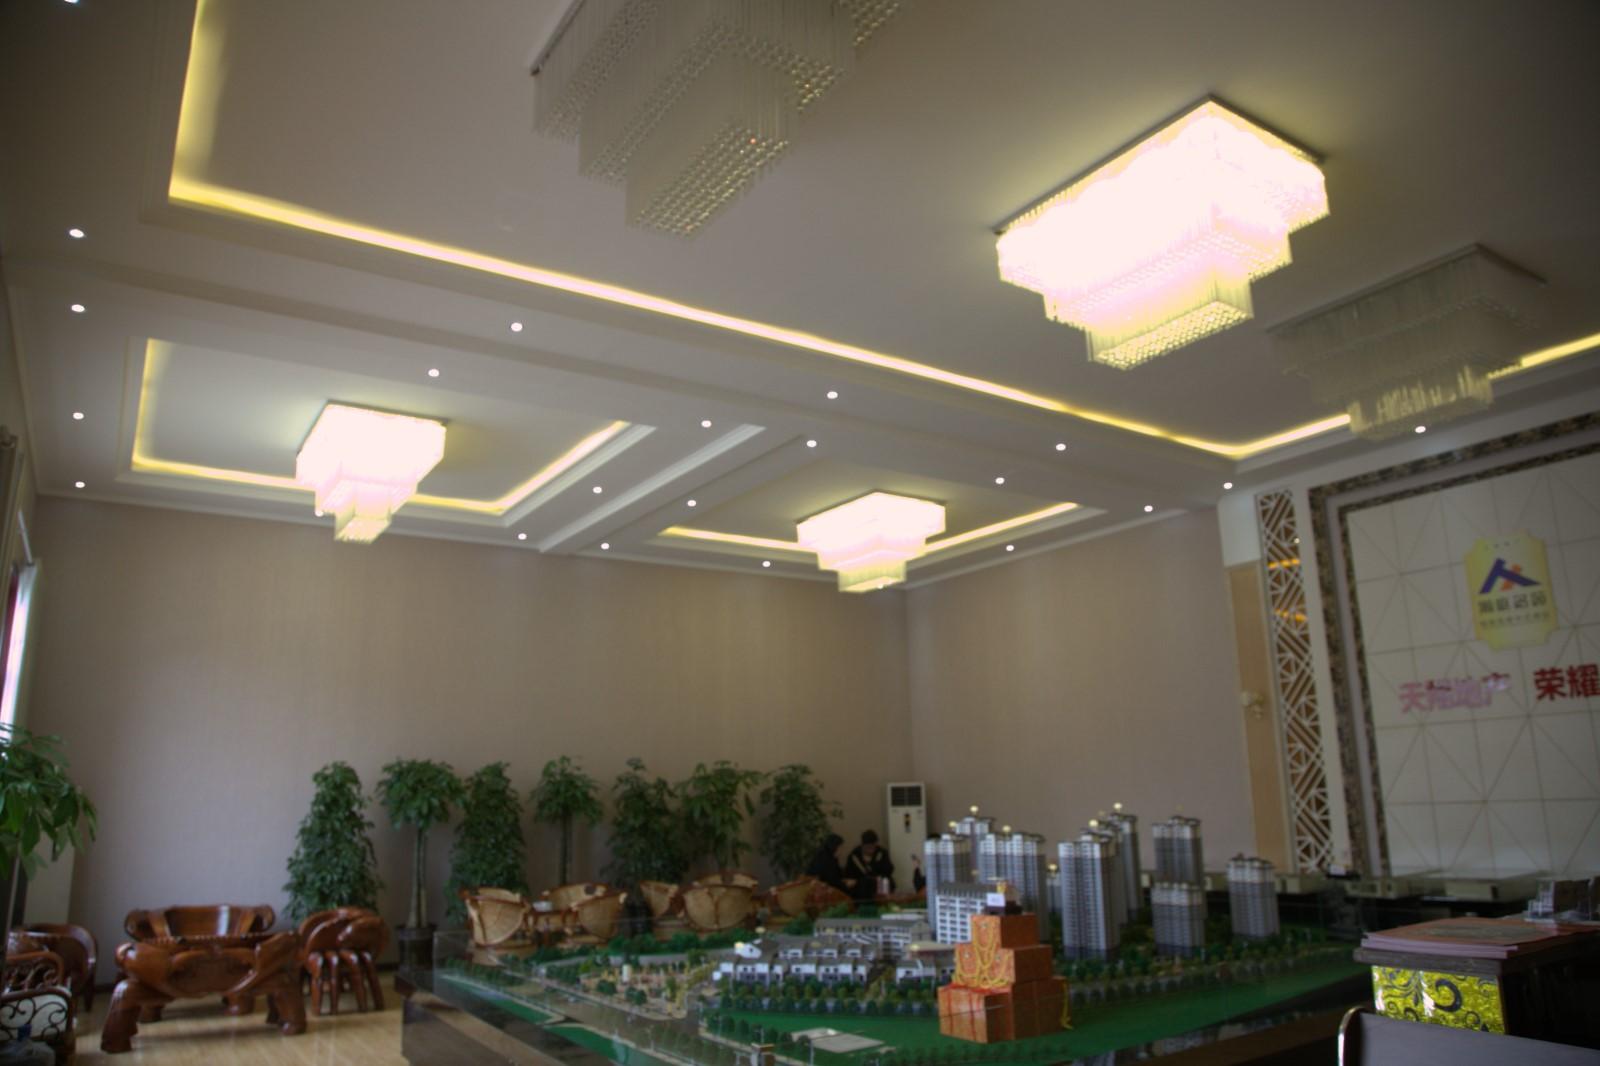 石马坪售楼部|案例展示-天水大成隆源建筑新材料有限公司